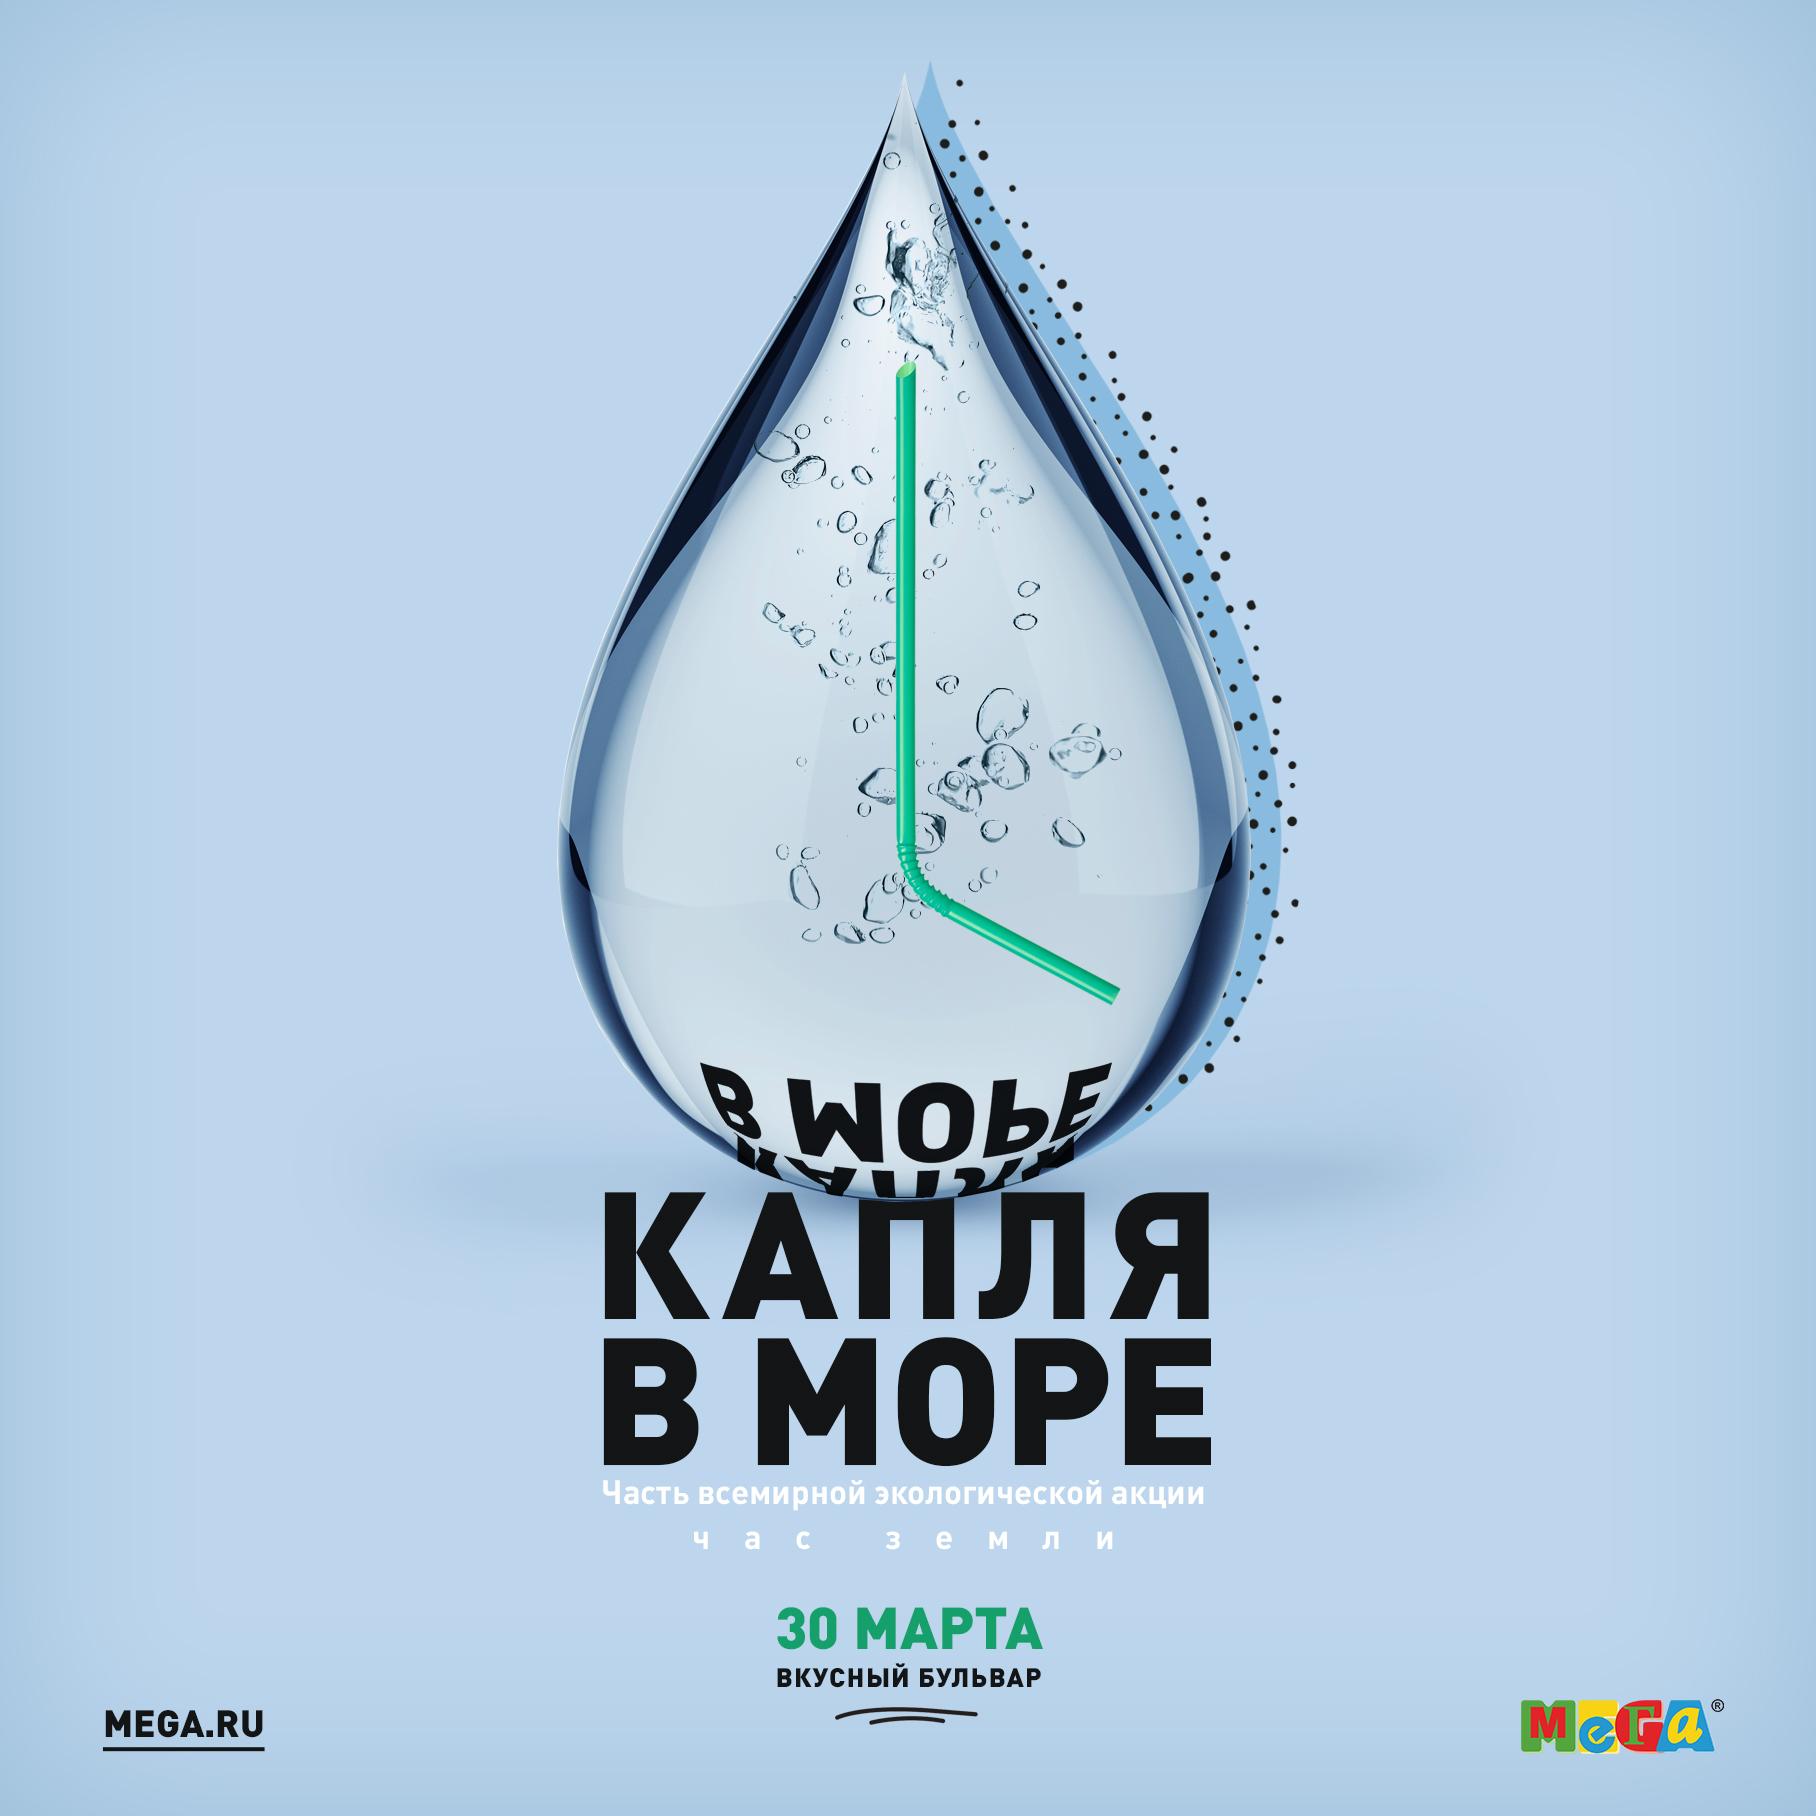 """Промо-материалы для ТРЦ """"МЕГА"""" к акции """"Капля в море"""""""